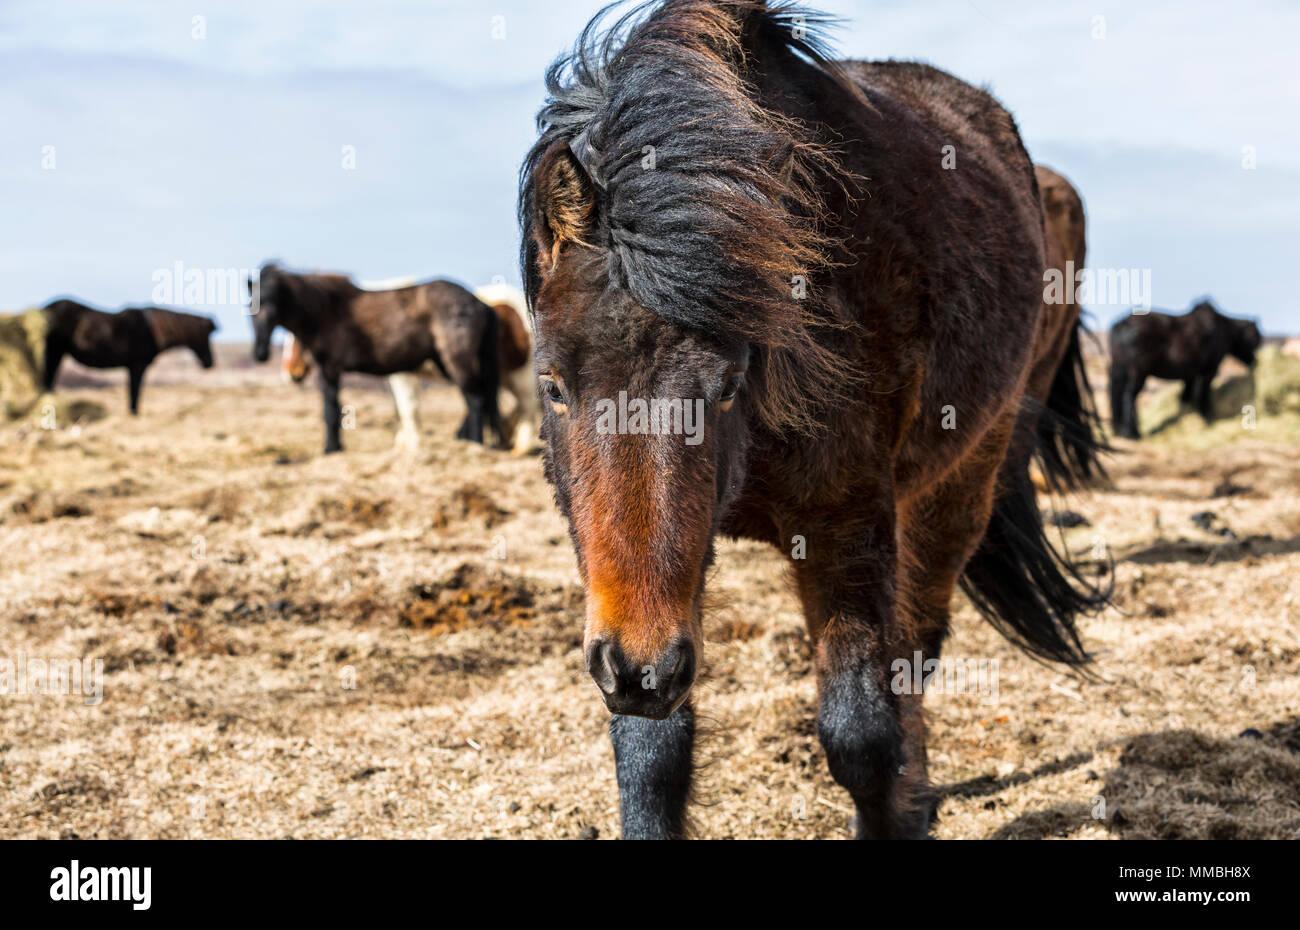 Icelandic horses in the wild - Stock Image